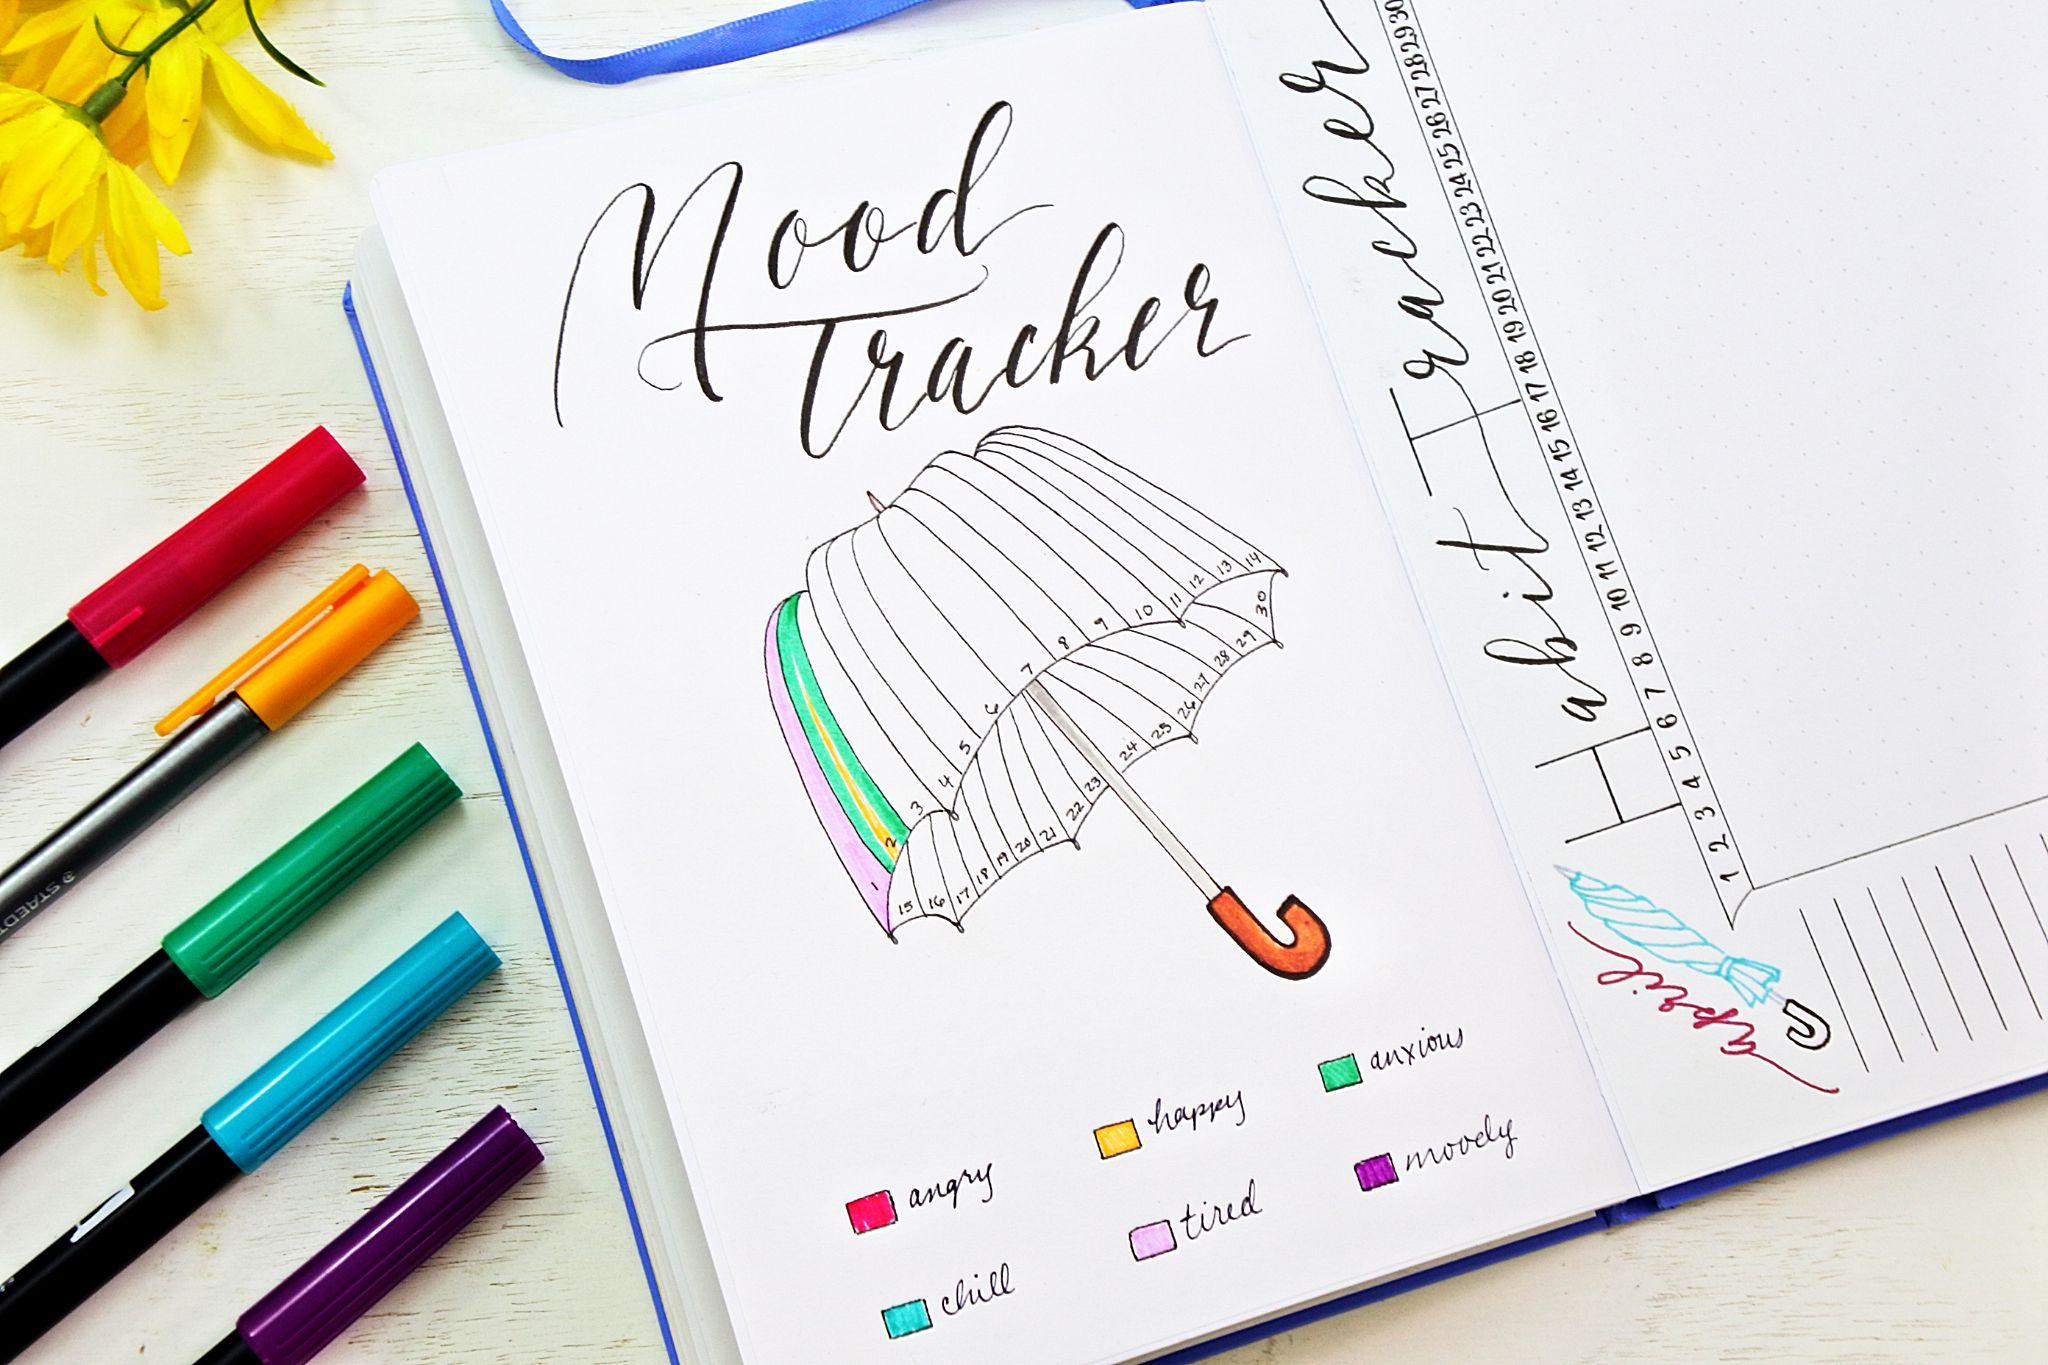 mood tracker pour poursuivre l évolution de son humeur, coloriage ombrelle pour chaque jour du mois